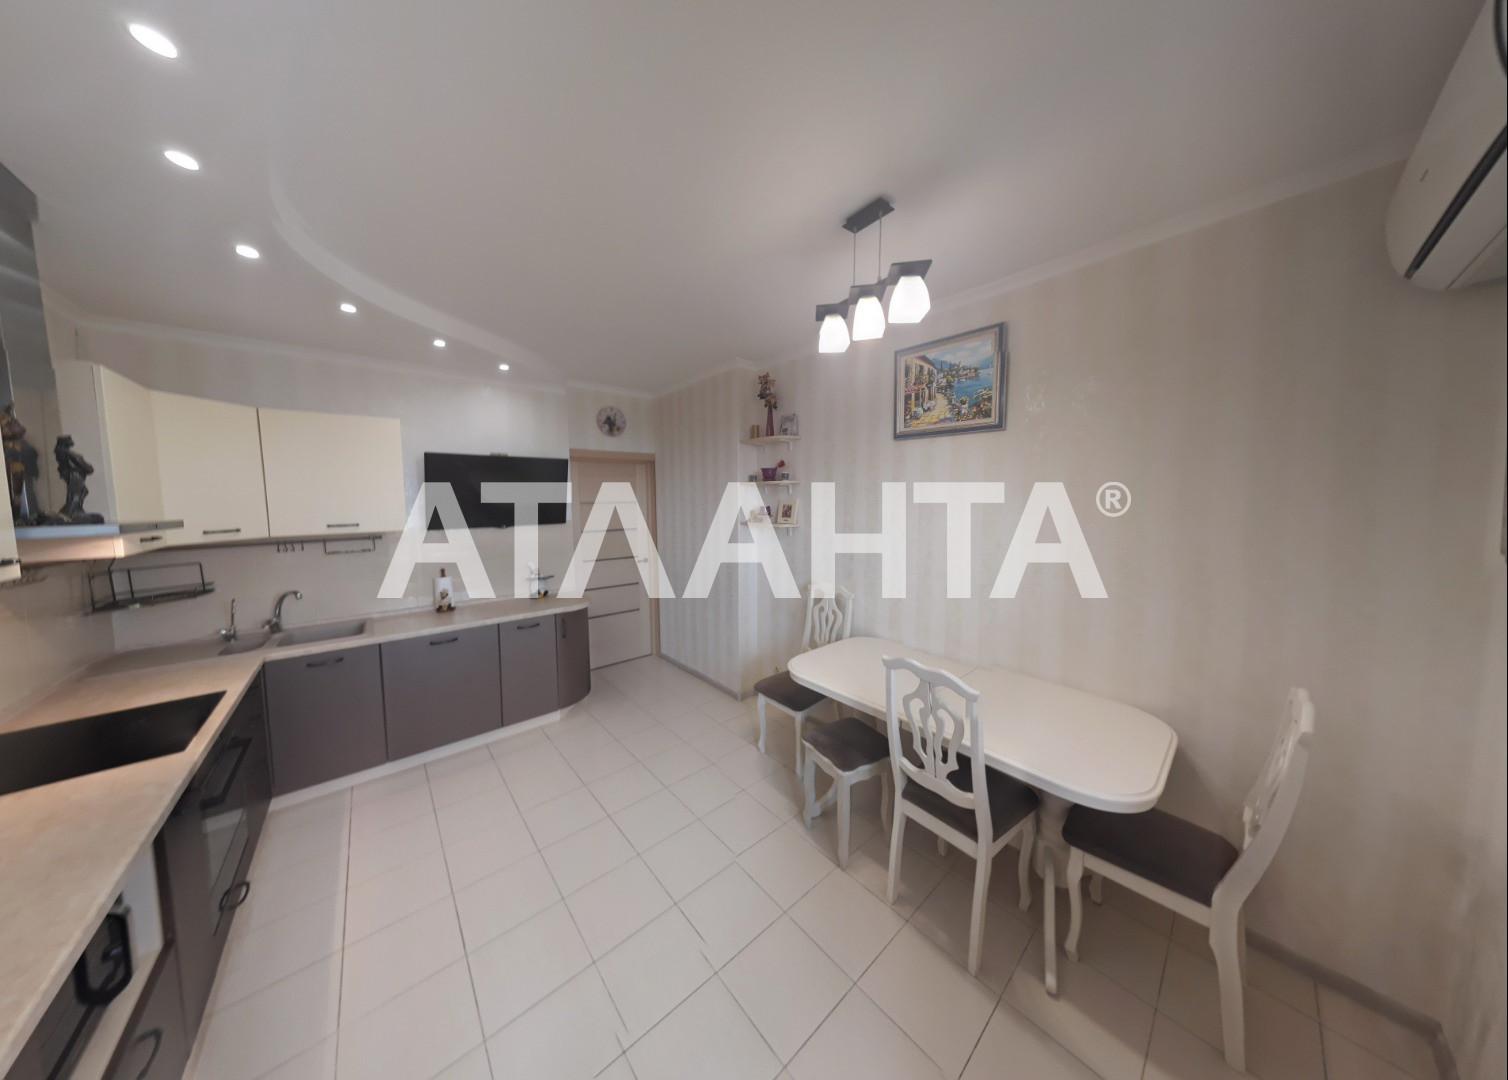 Продается 3-комнатная Квартира на ул. Ул. Максимовича — 153 000 у.е. (фото №9)